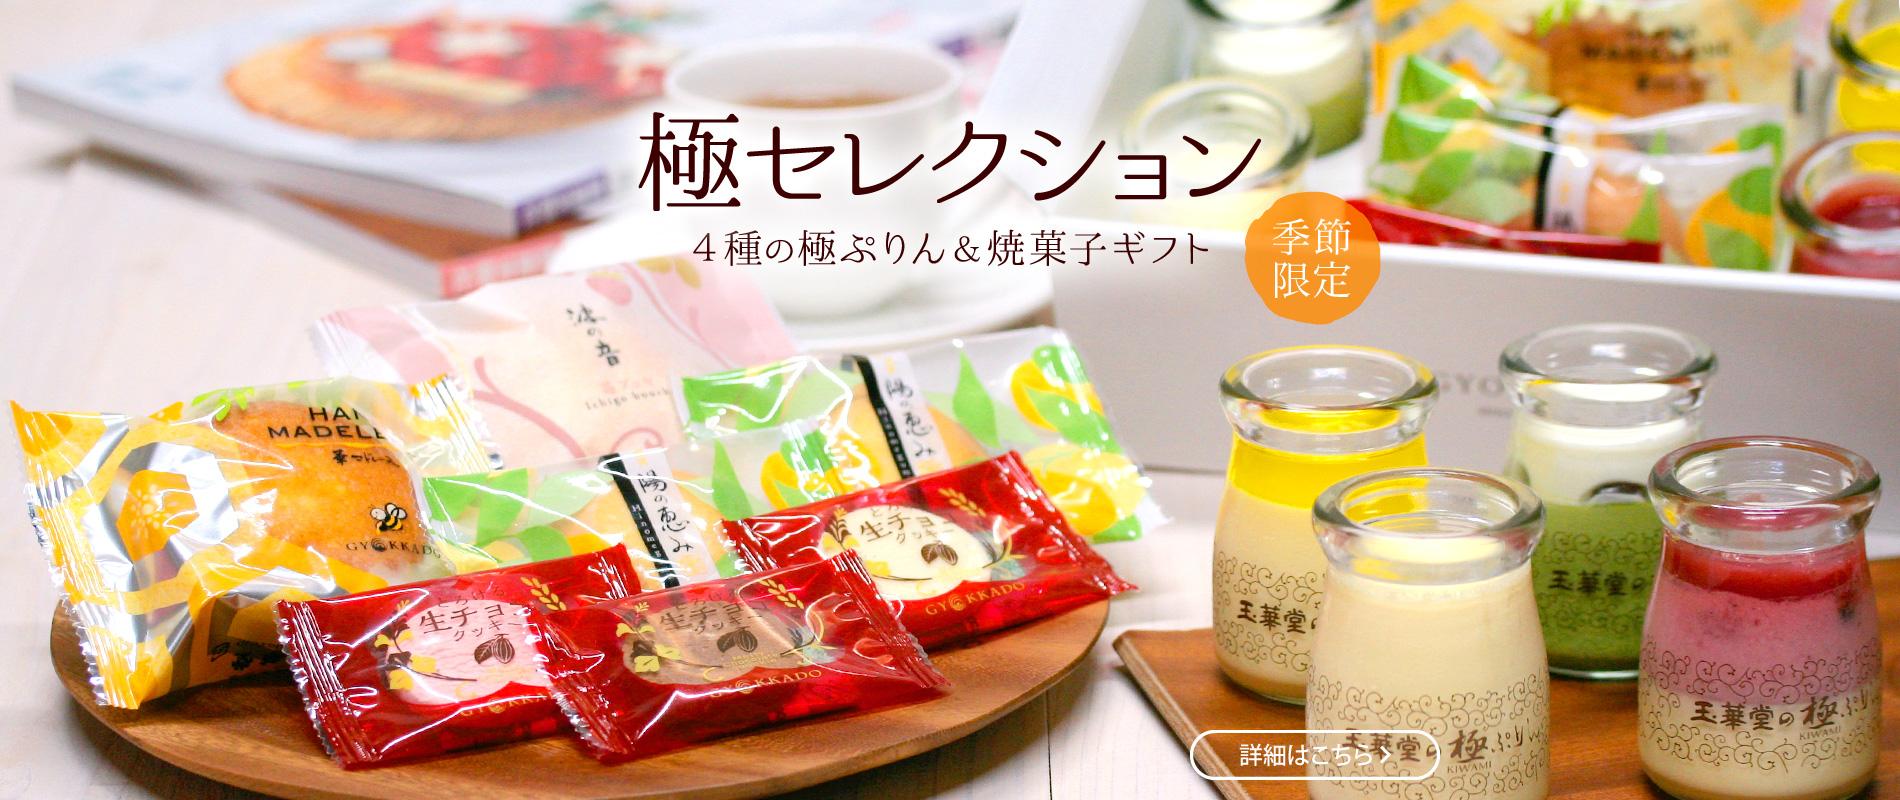 極セレクション 4種の極ぷりん&焼菓子ギフト